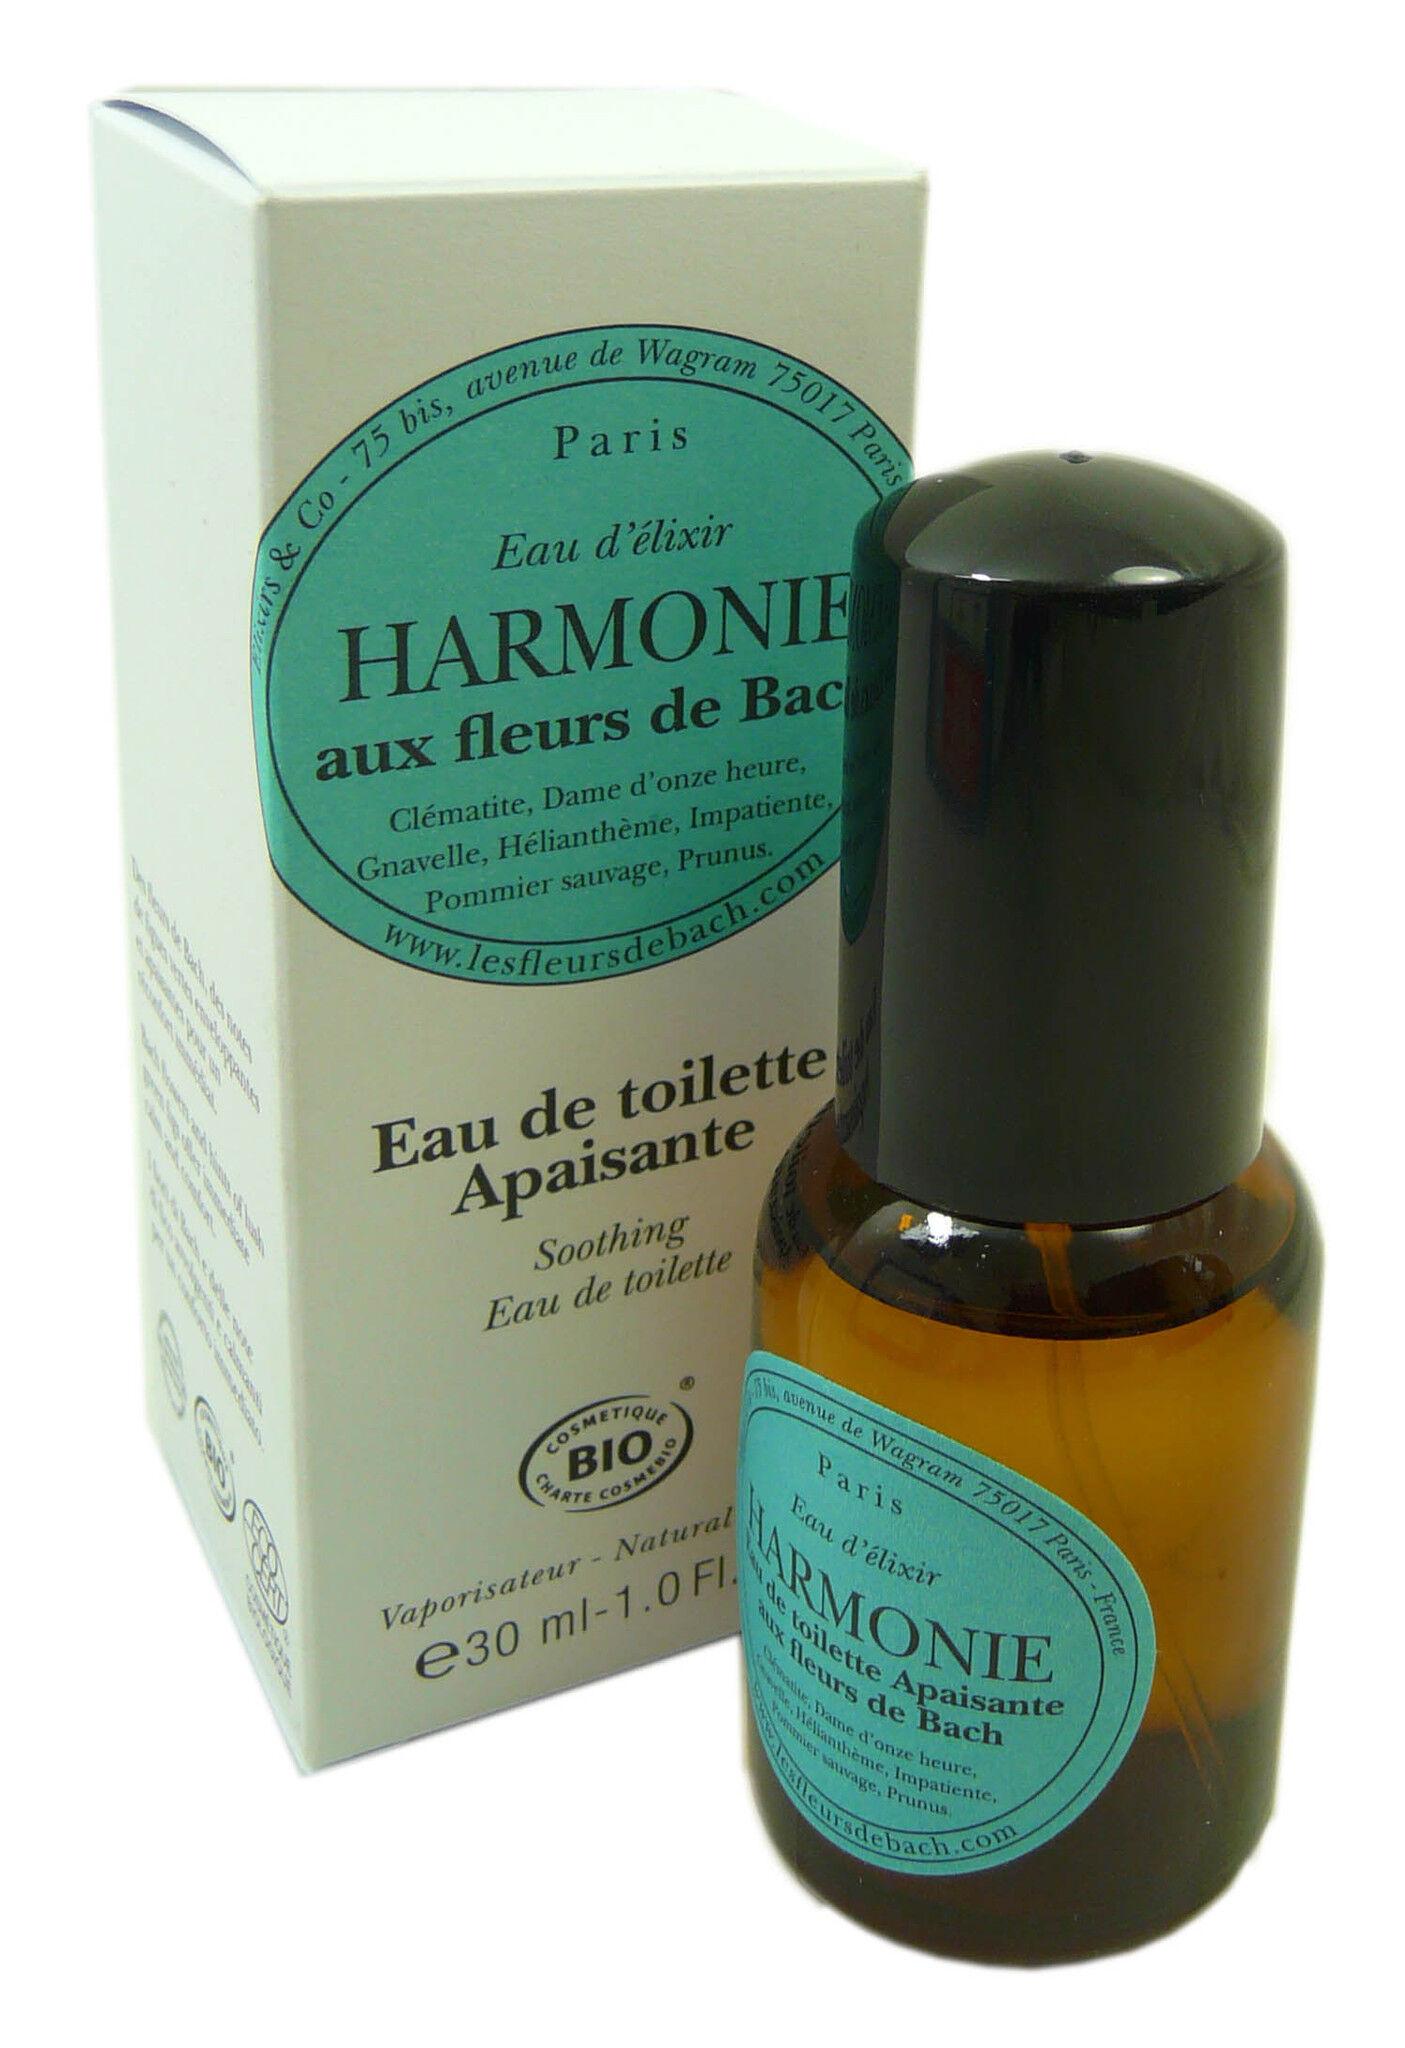 Elixirs & co fleurs de bach eau de toilette harmonie bio 30ml